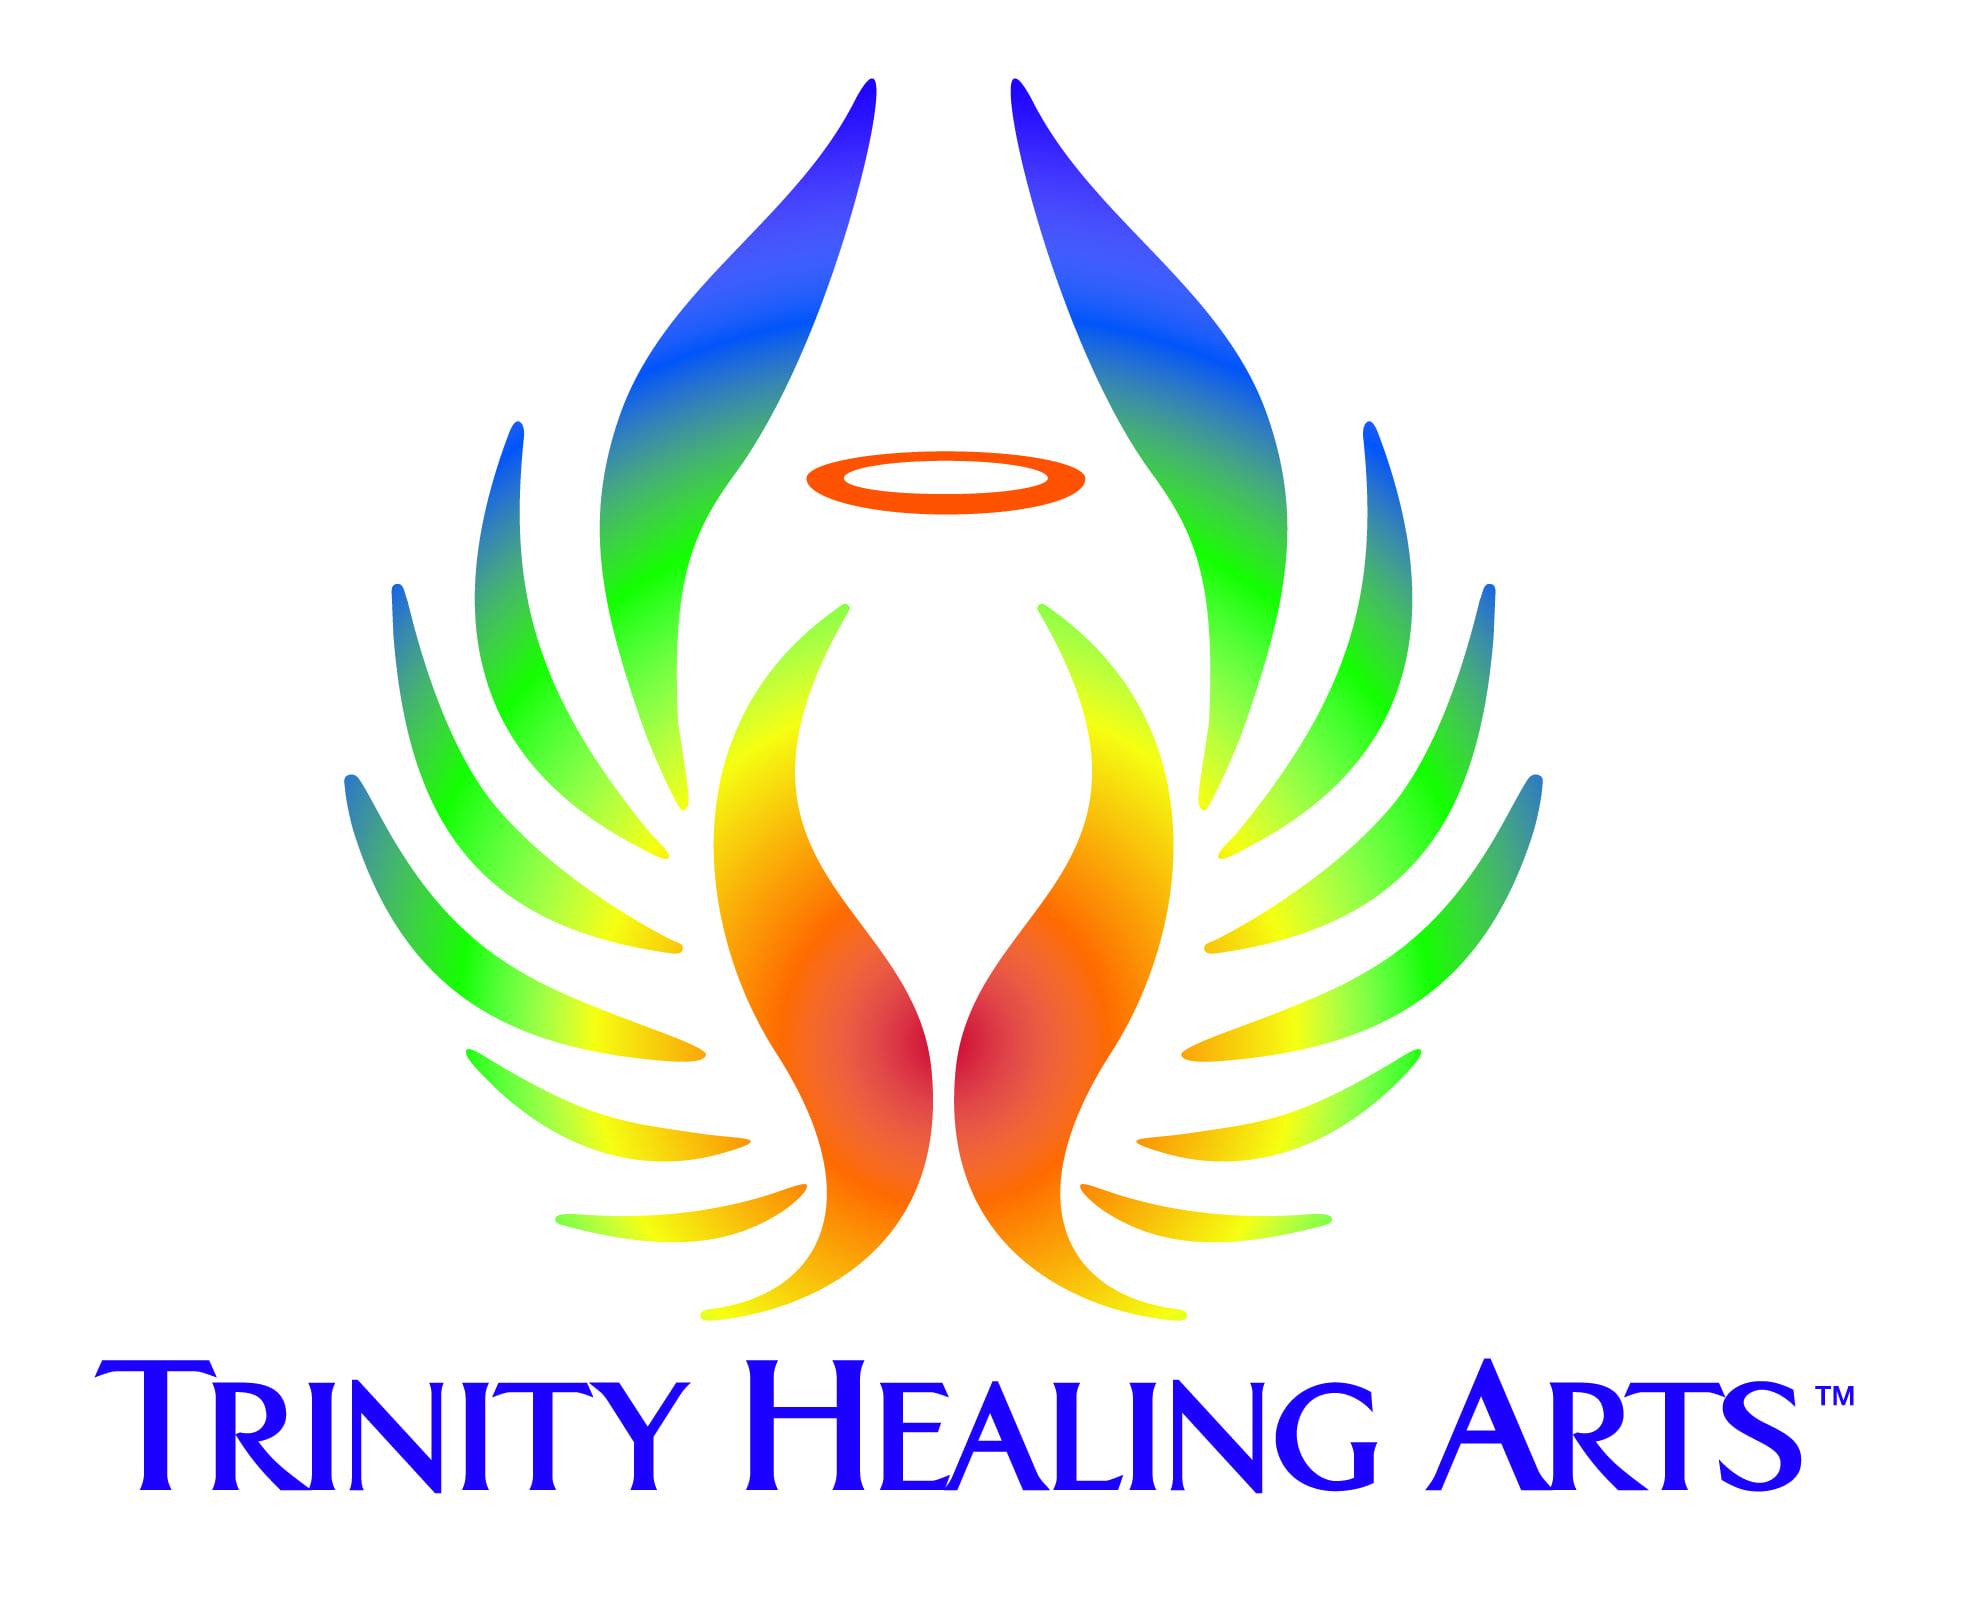 Trinity Healing Arts